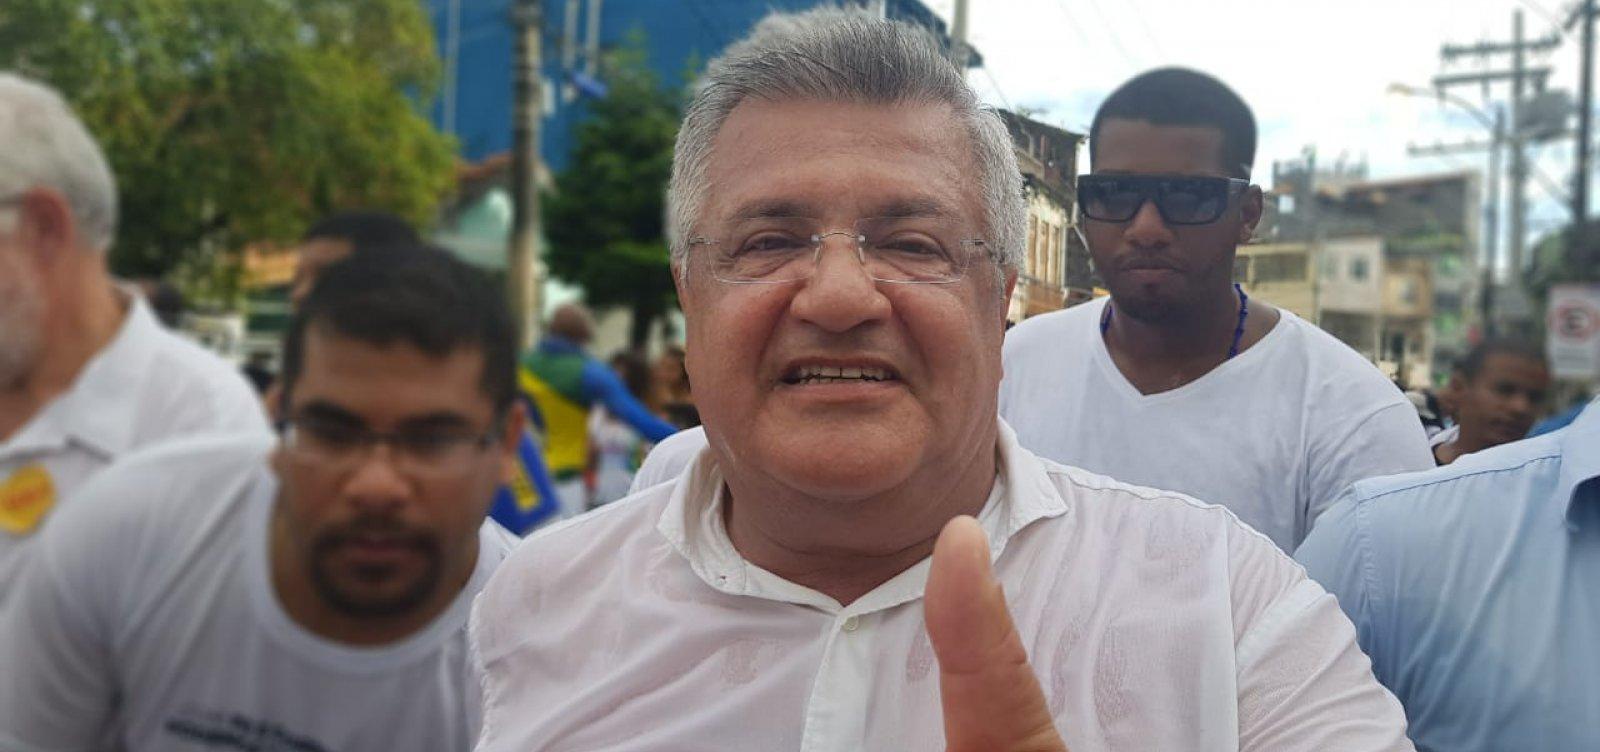 Bacelar aposta em 'boom' de Álvaro Dias após horário eleitoral